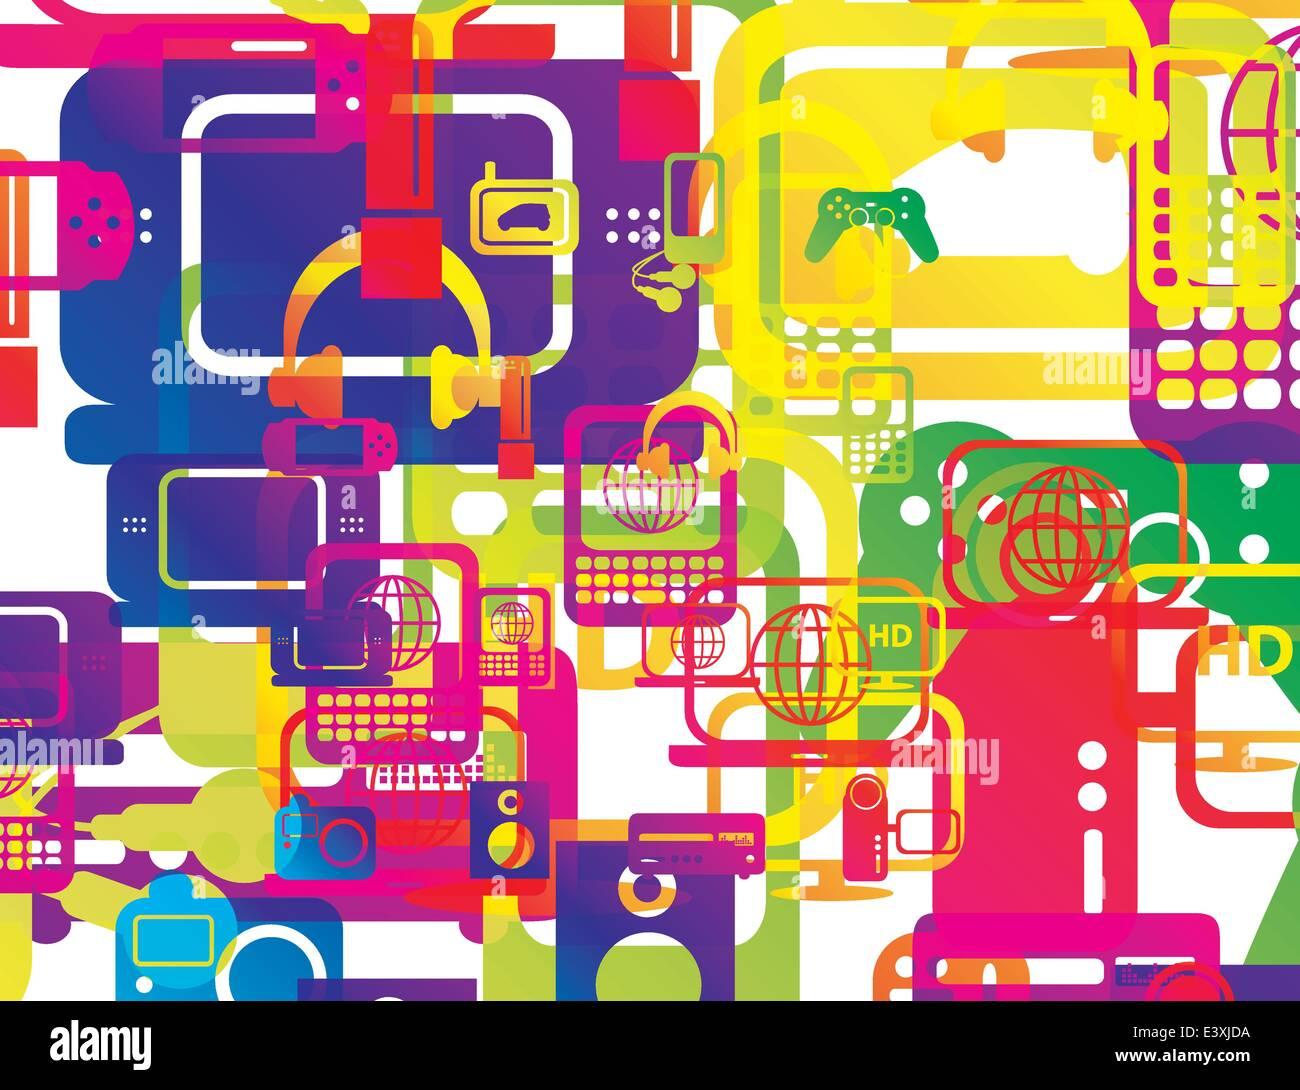 Ilustración vectorial de una selección de equipo y tecnología de hardware y multiplicado por capas Imagen De Stock